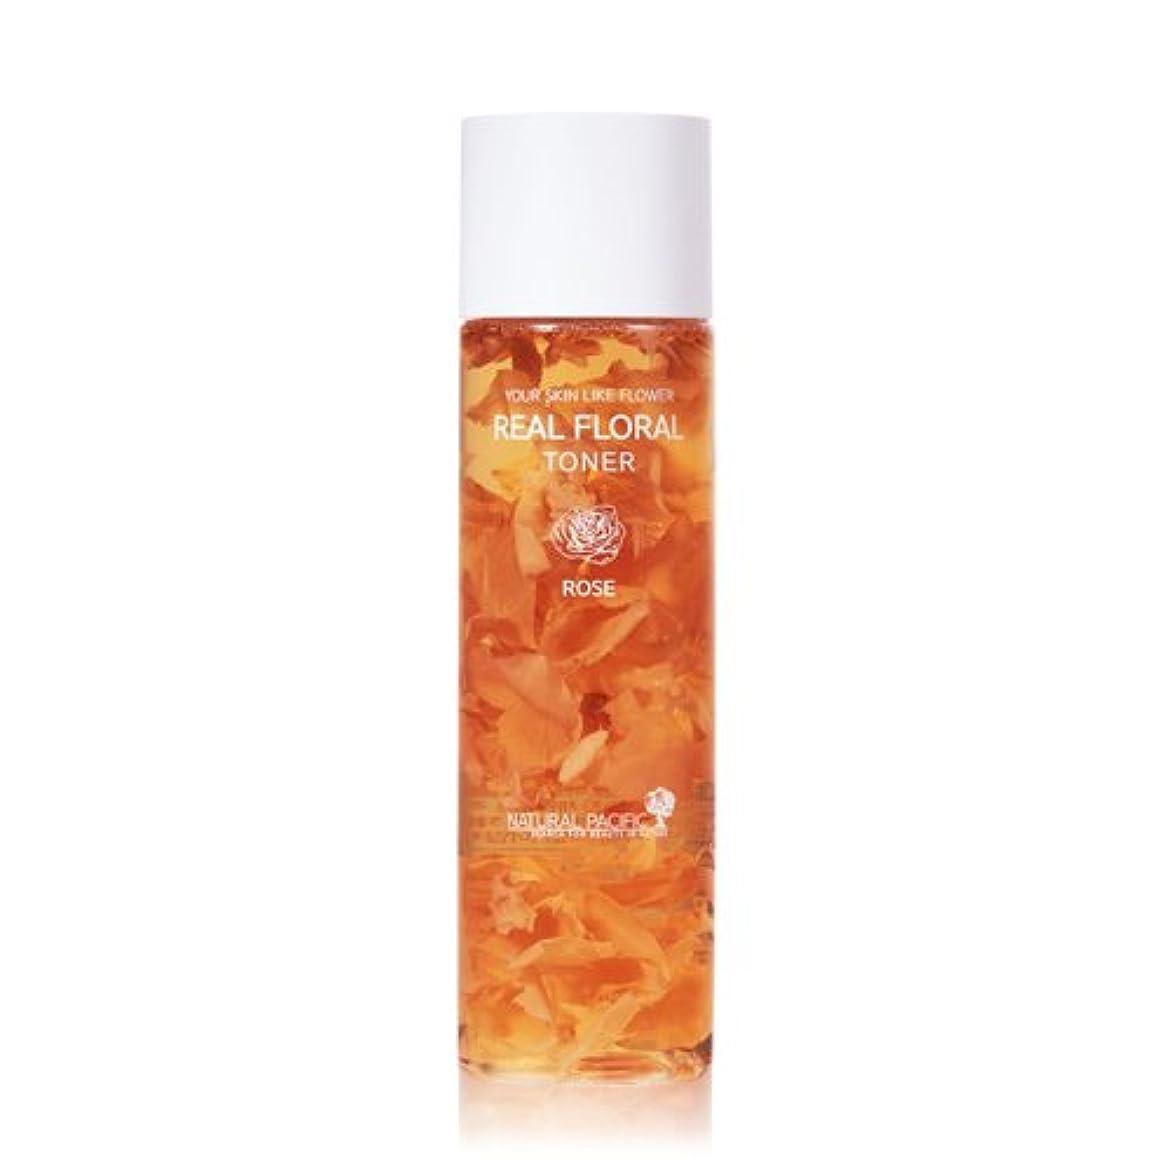 ビジネス実際に津波NATURAL PACIFIC Real Rose Floral Toner 180ml/ナチュラルパシフィック リアル ローズ フローラル トナー 180ml [並行輸入品]